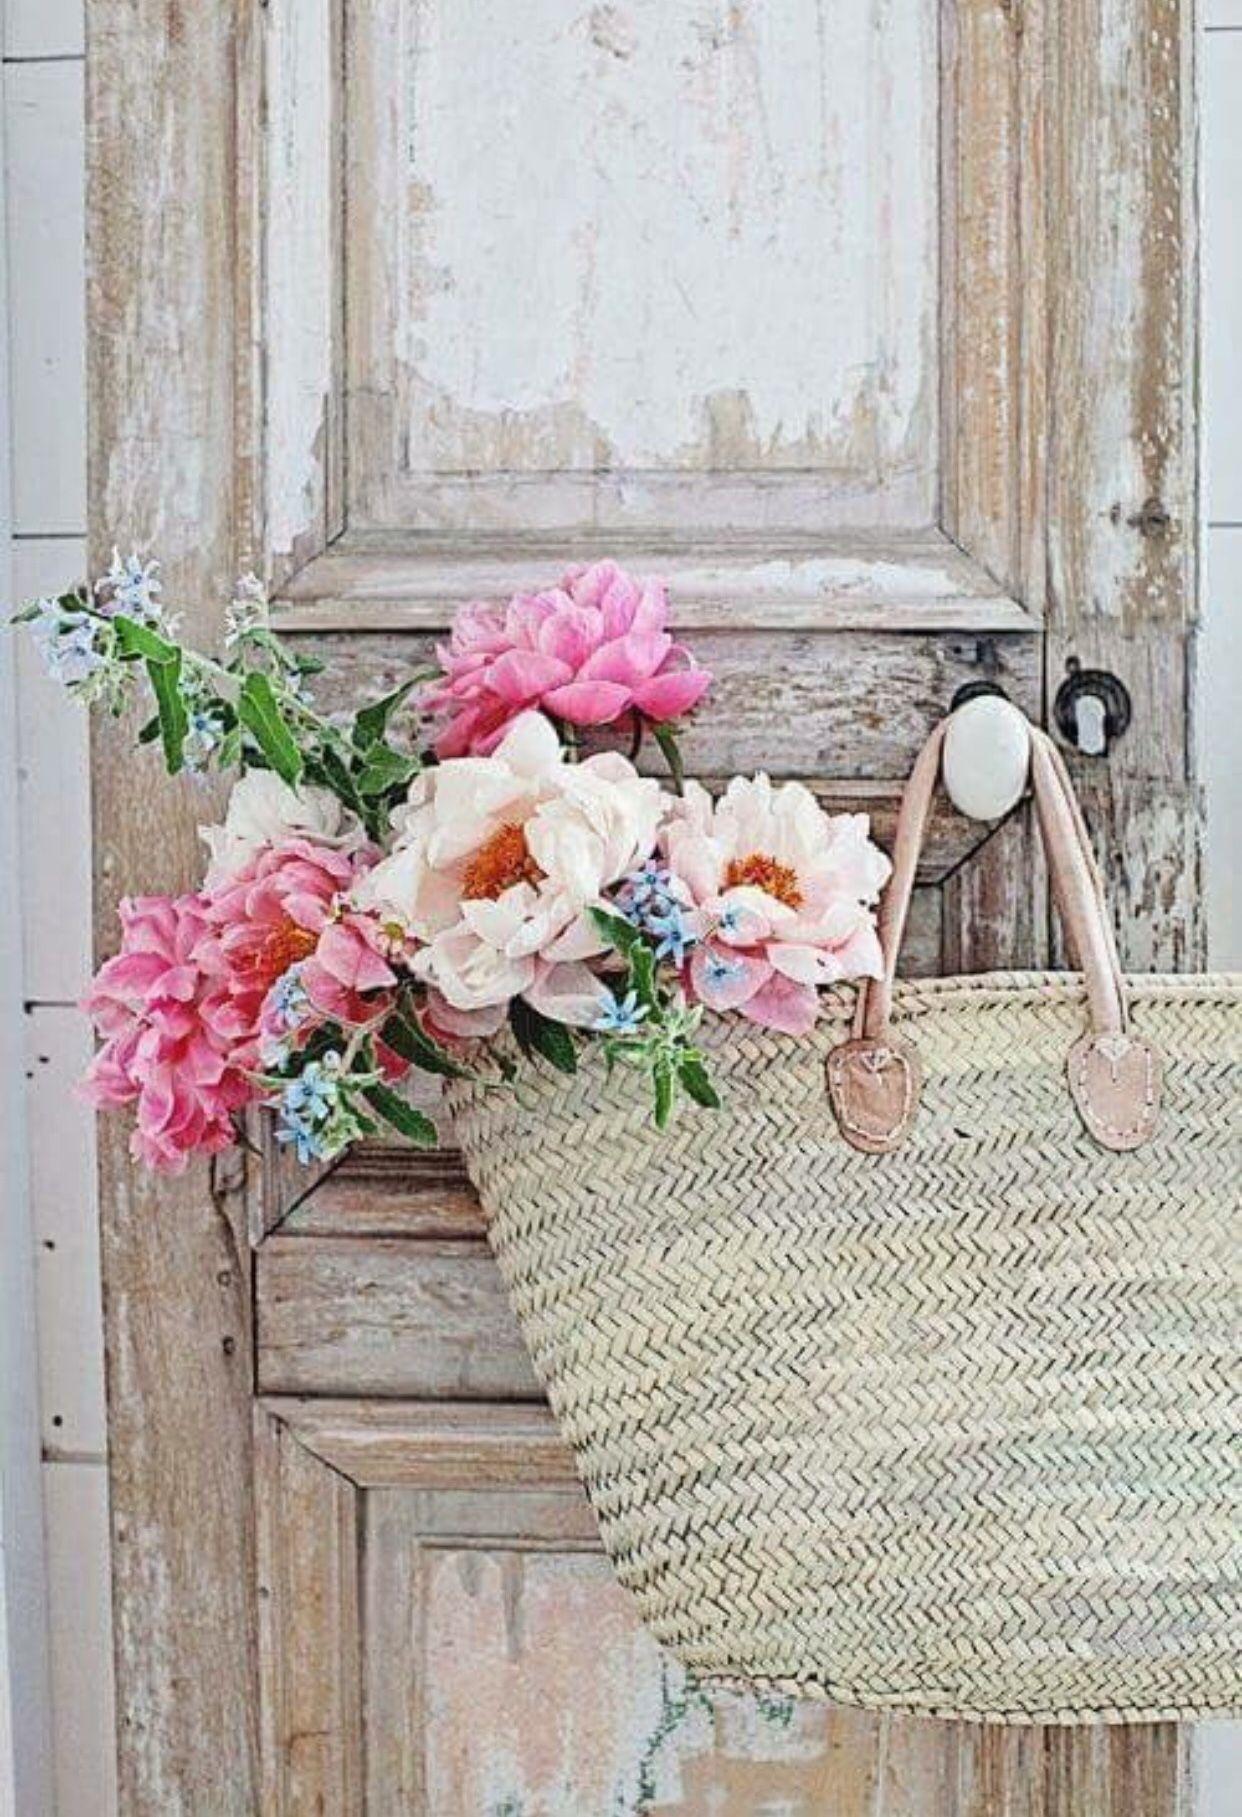 French Market Basket Market baskets, Flower arrangements